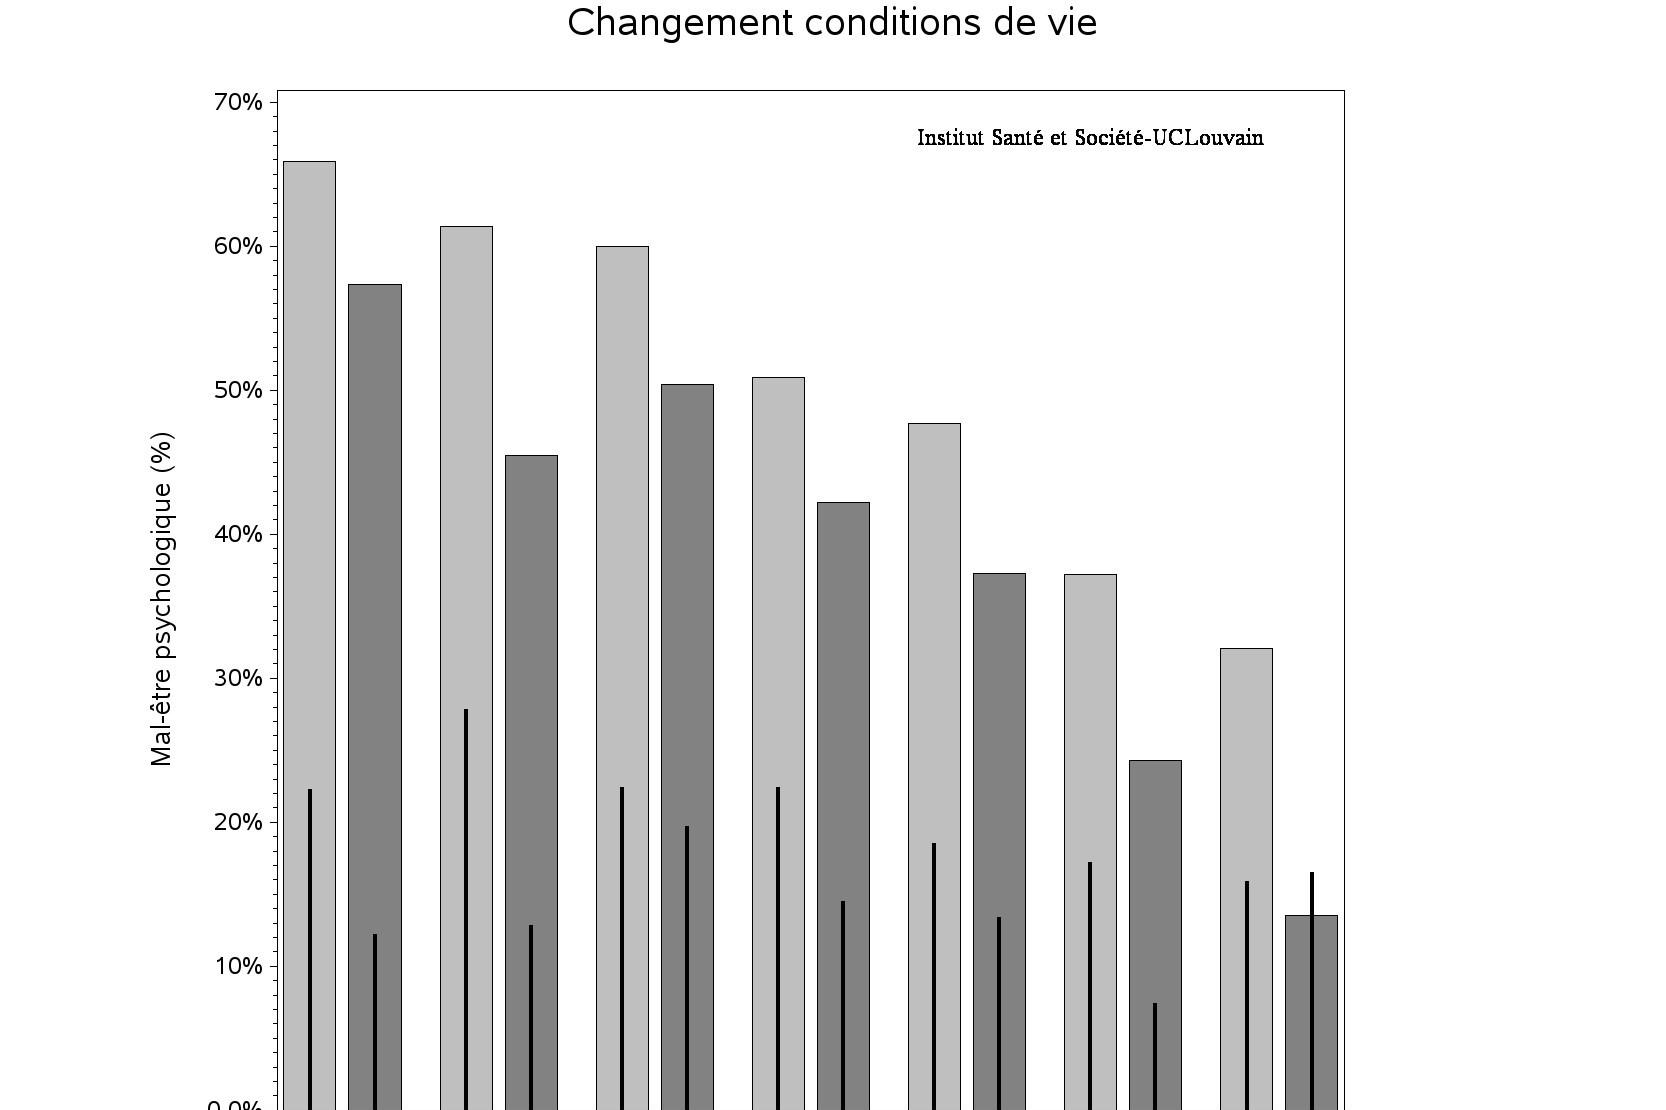 De balken in licht- en donkergrijs komen overeen met de resultaten van de 'Covid en ik'- enquête van zaterdag 21 maart 2020 (vrouwen-lichtgrijs; mannen-donkergrijs); de zwarte lijnen komen overeen met de resultaten van de Belgische gezondheidsenquête van 2018., UCLouvain